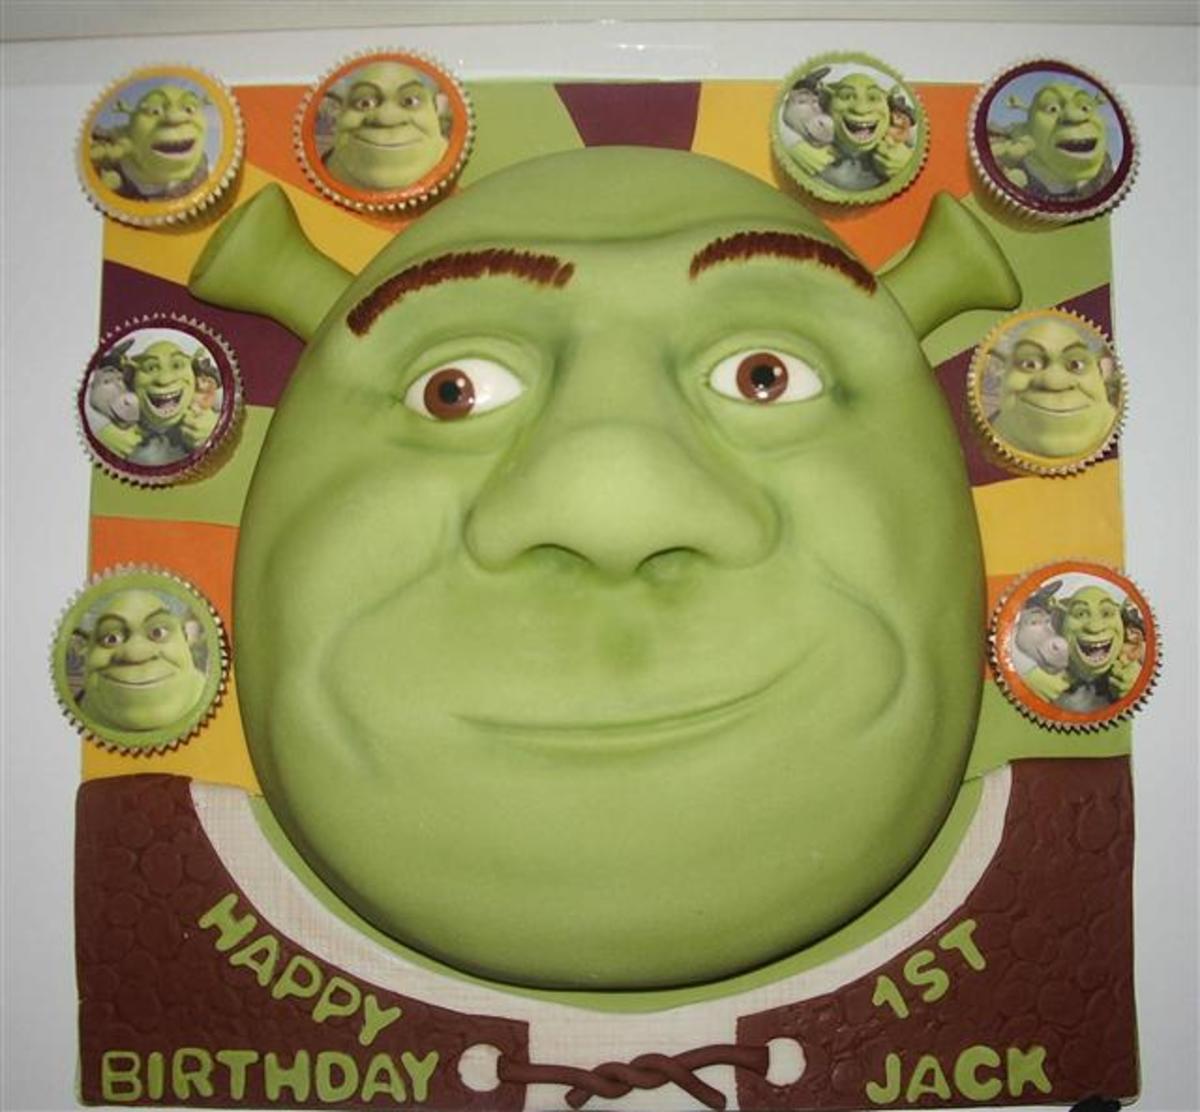 Shrek Birthday Cakes and Cupcake Ideas